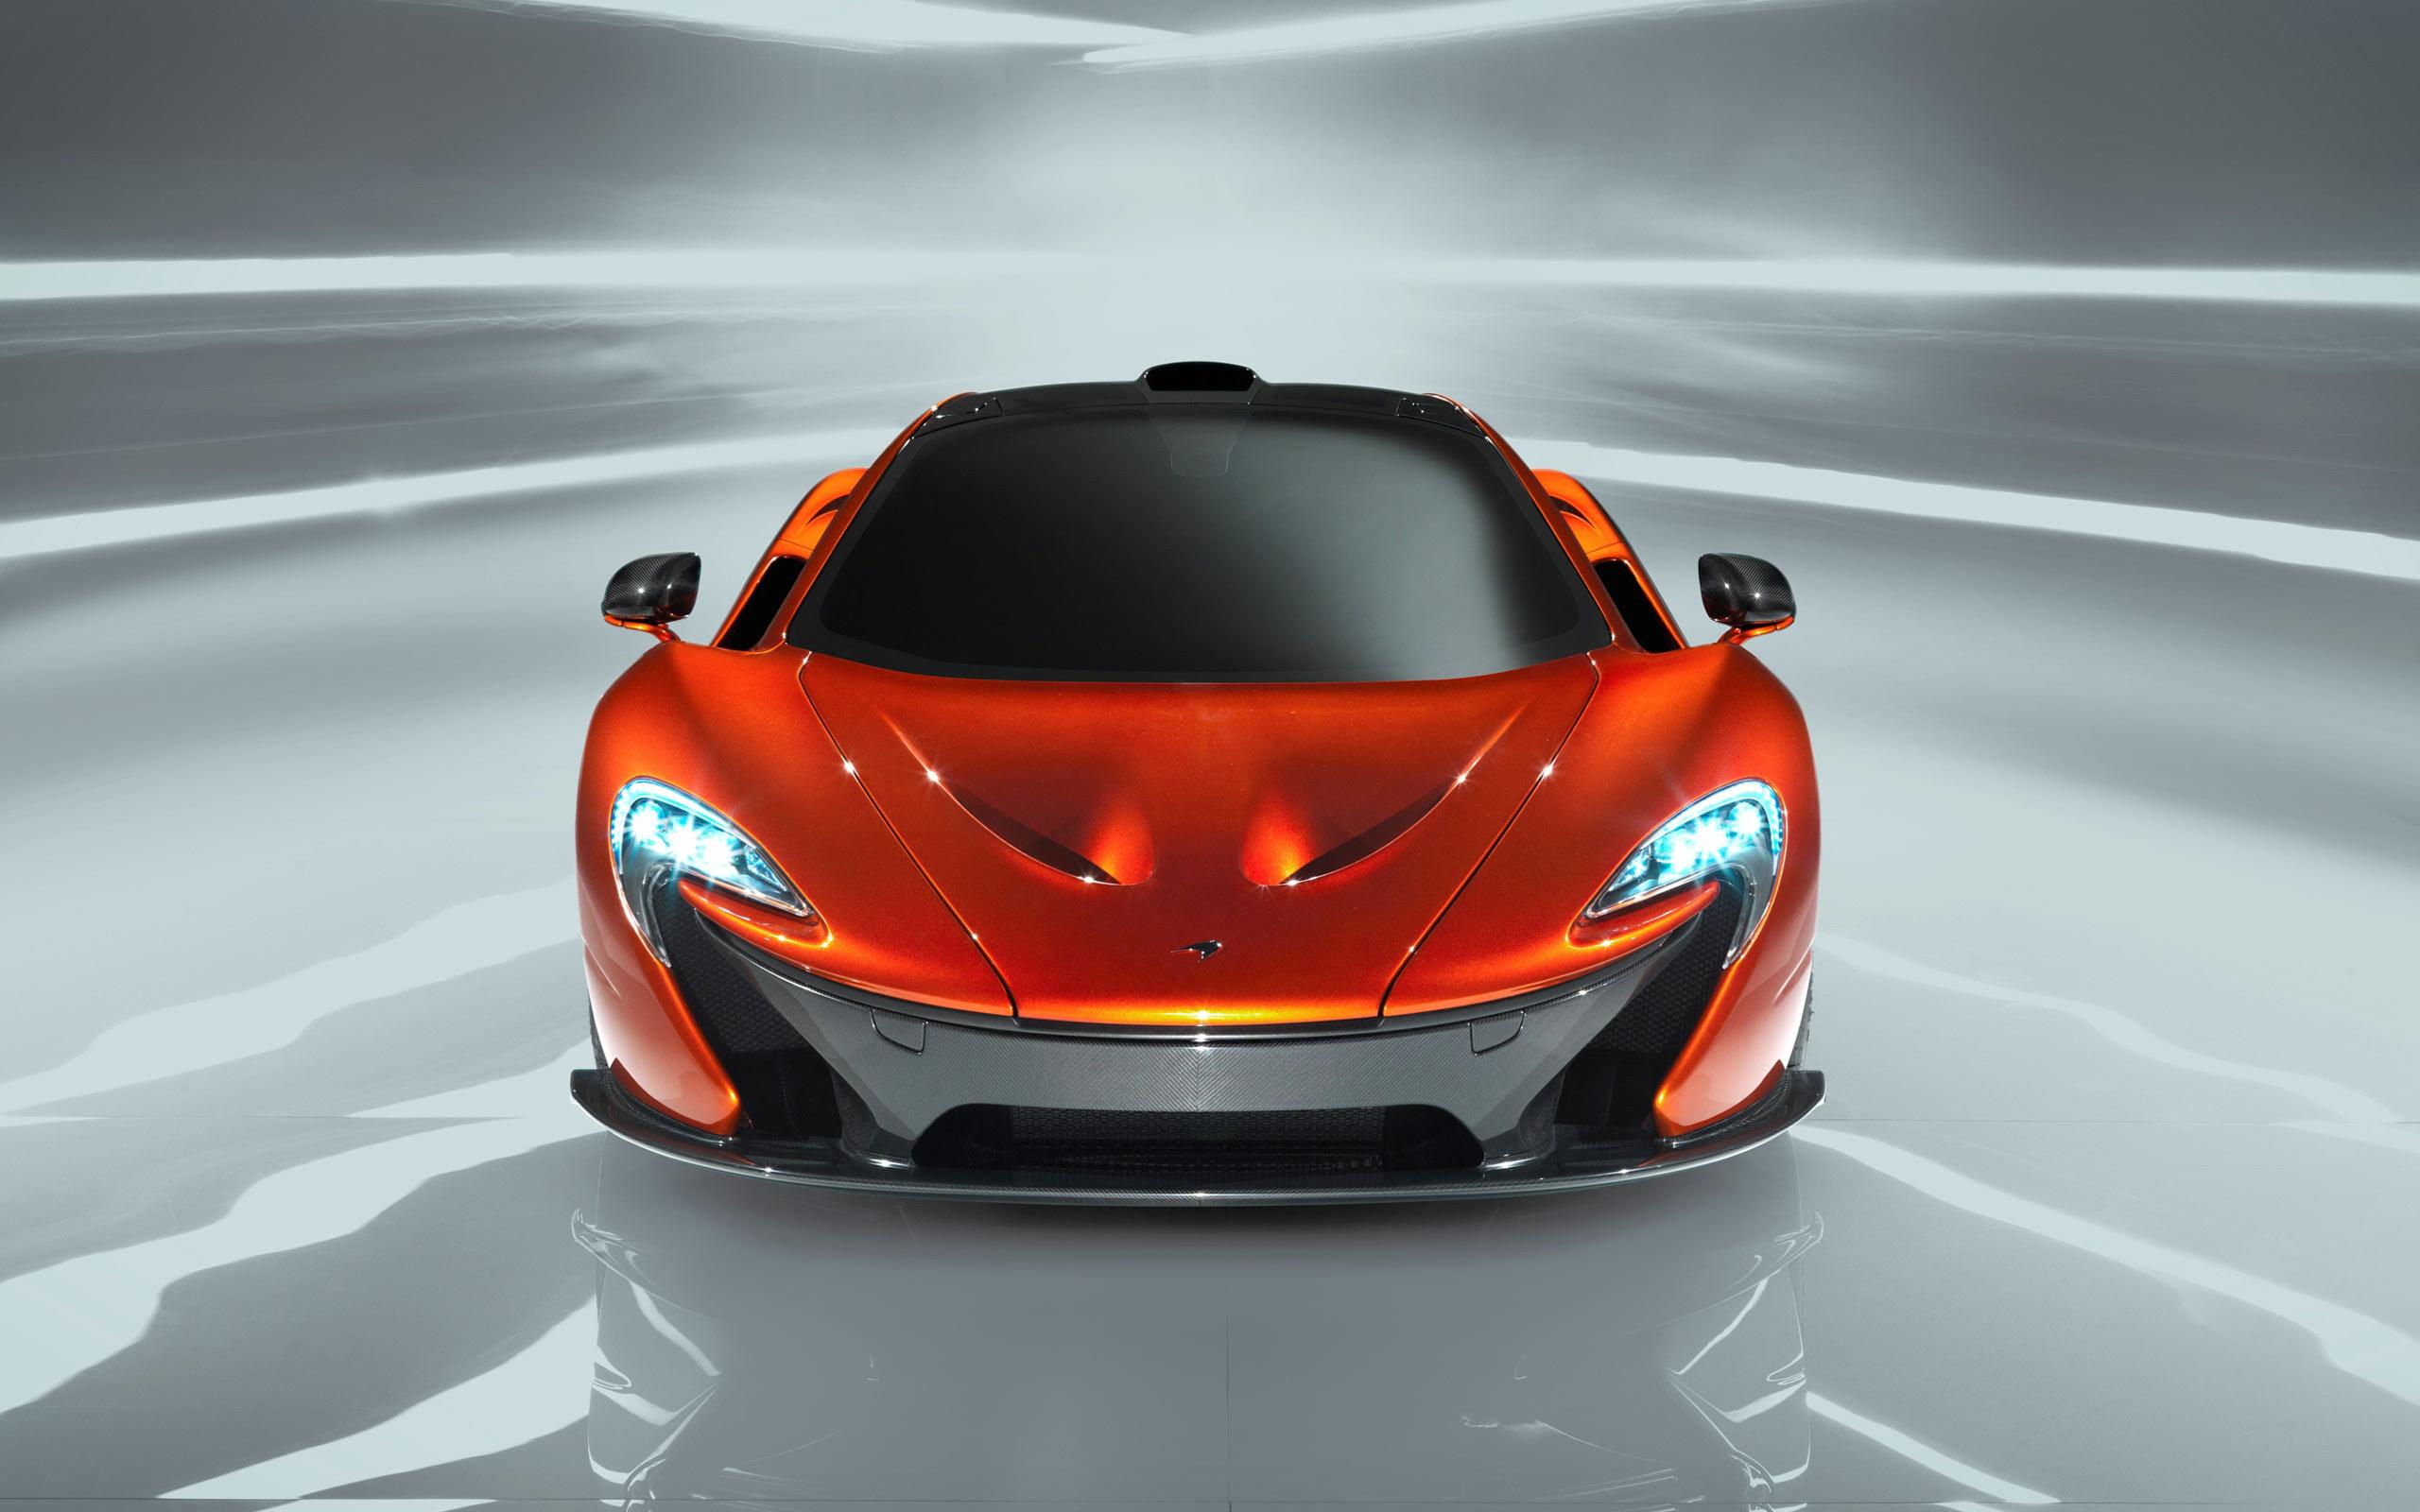 McLaren P1 Concept Car Wallpaper | HD Car Wallpapers | ID ...